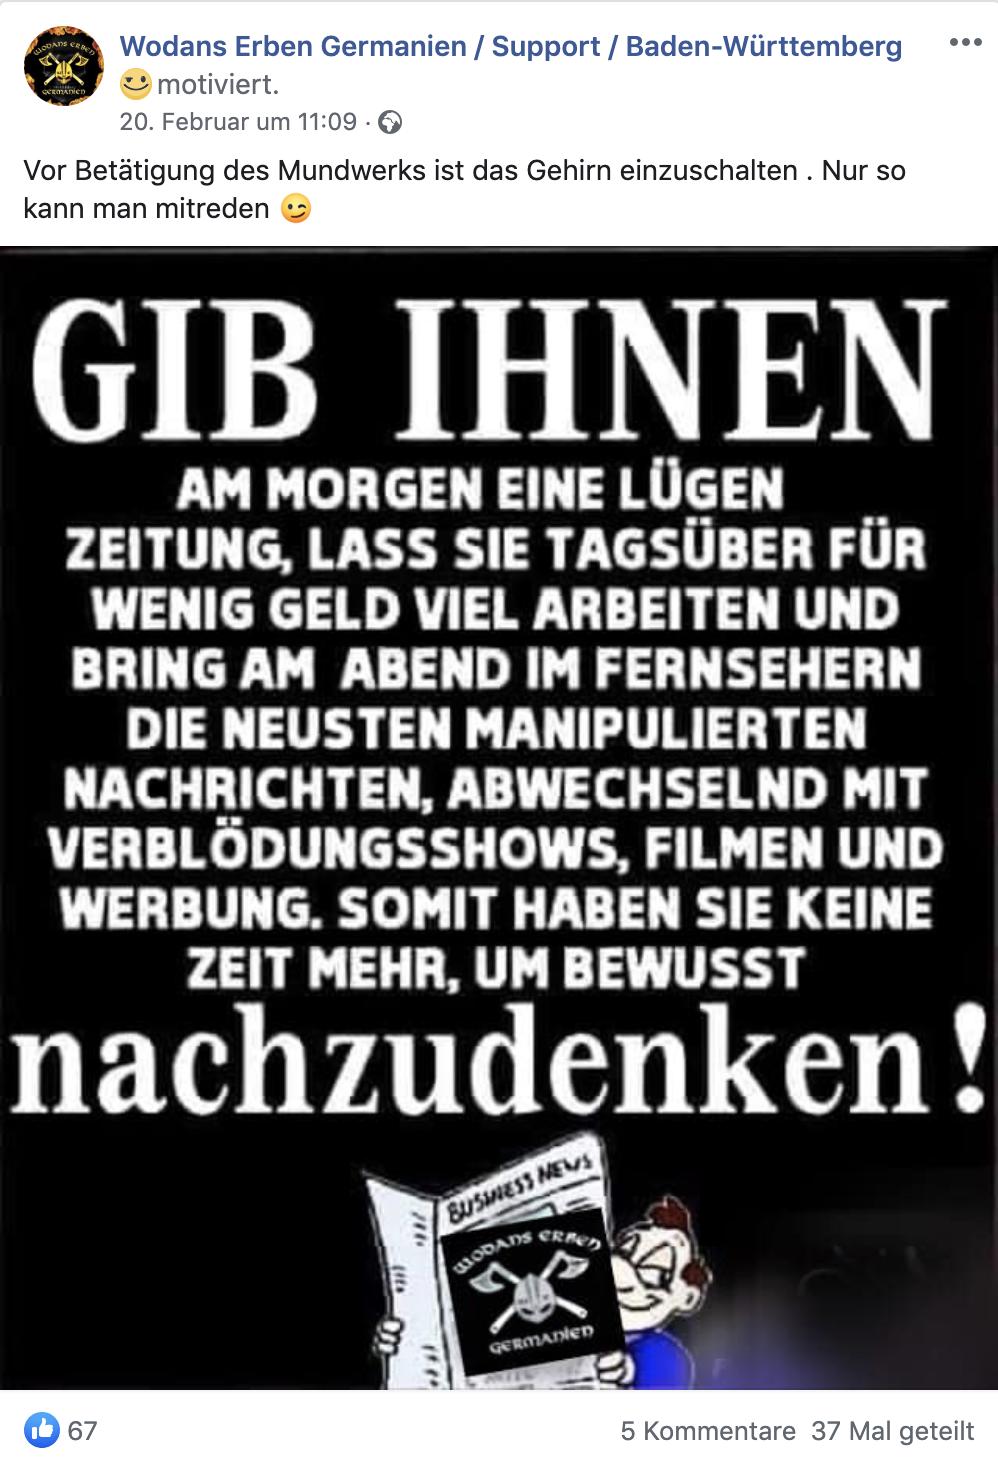 """Wodans-Erben-Posting am Tag nach Hanau: """"Gib ihnen am Morgen eine Lügenzeitung ..."""" mit Likes aus Österreich"""